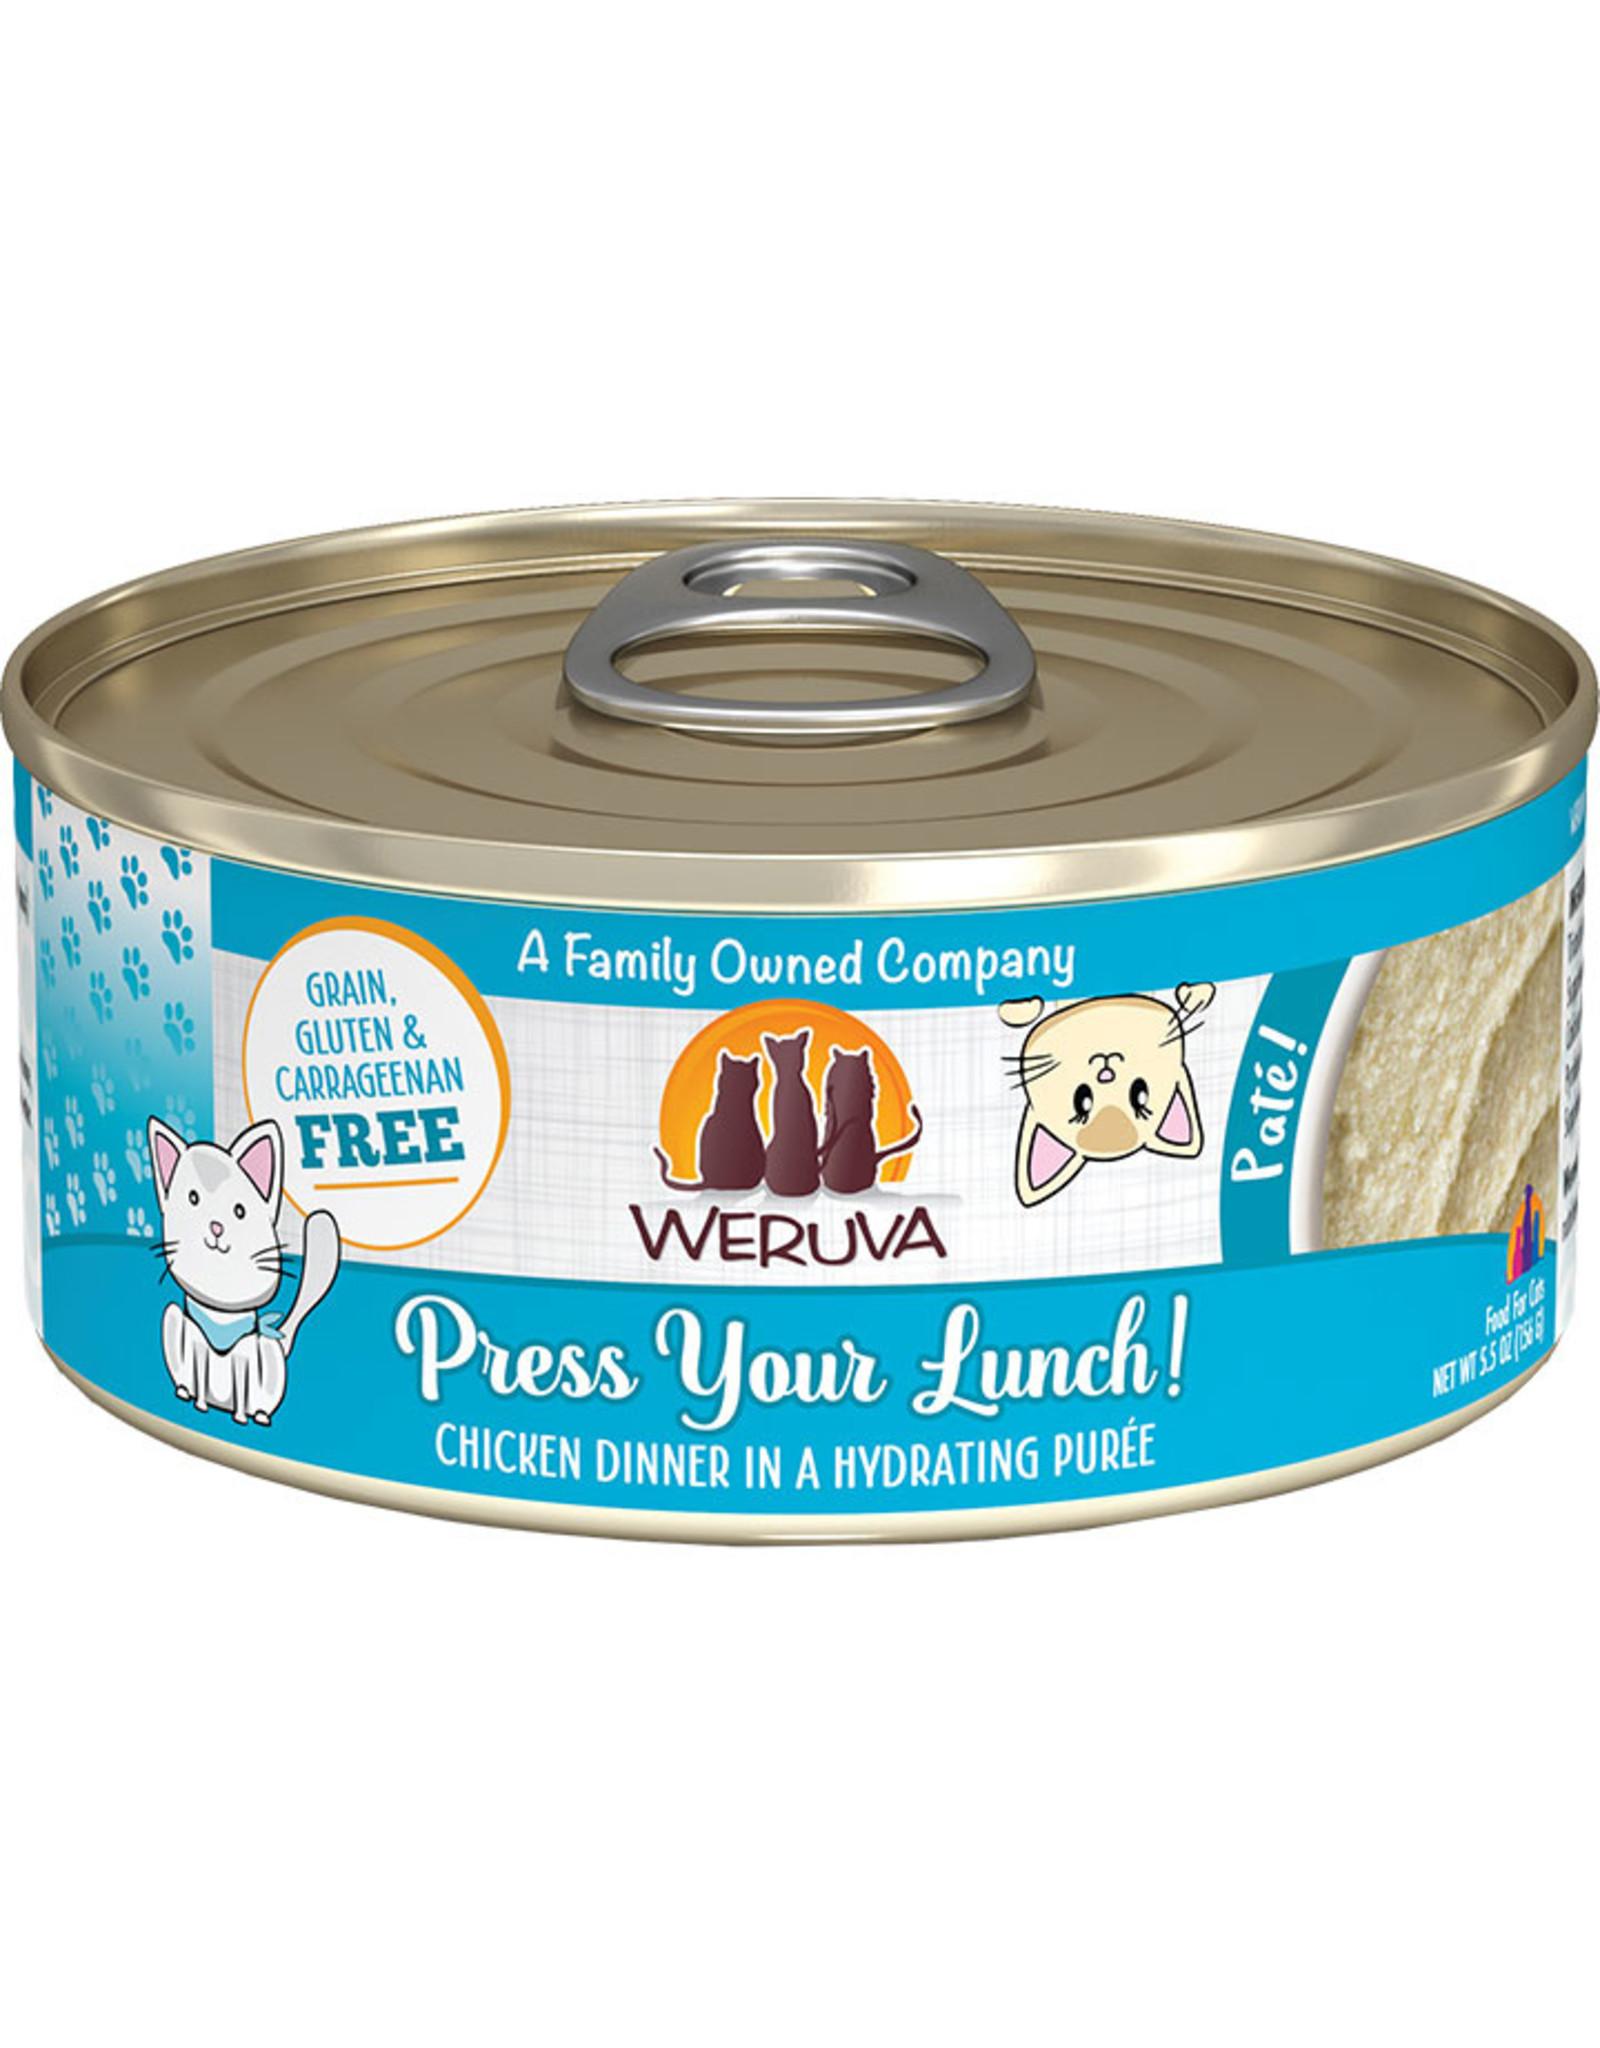 Weruva Weruva Press Your Lunch Chicken Dinner Pate Cat Food 5.5oz